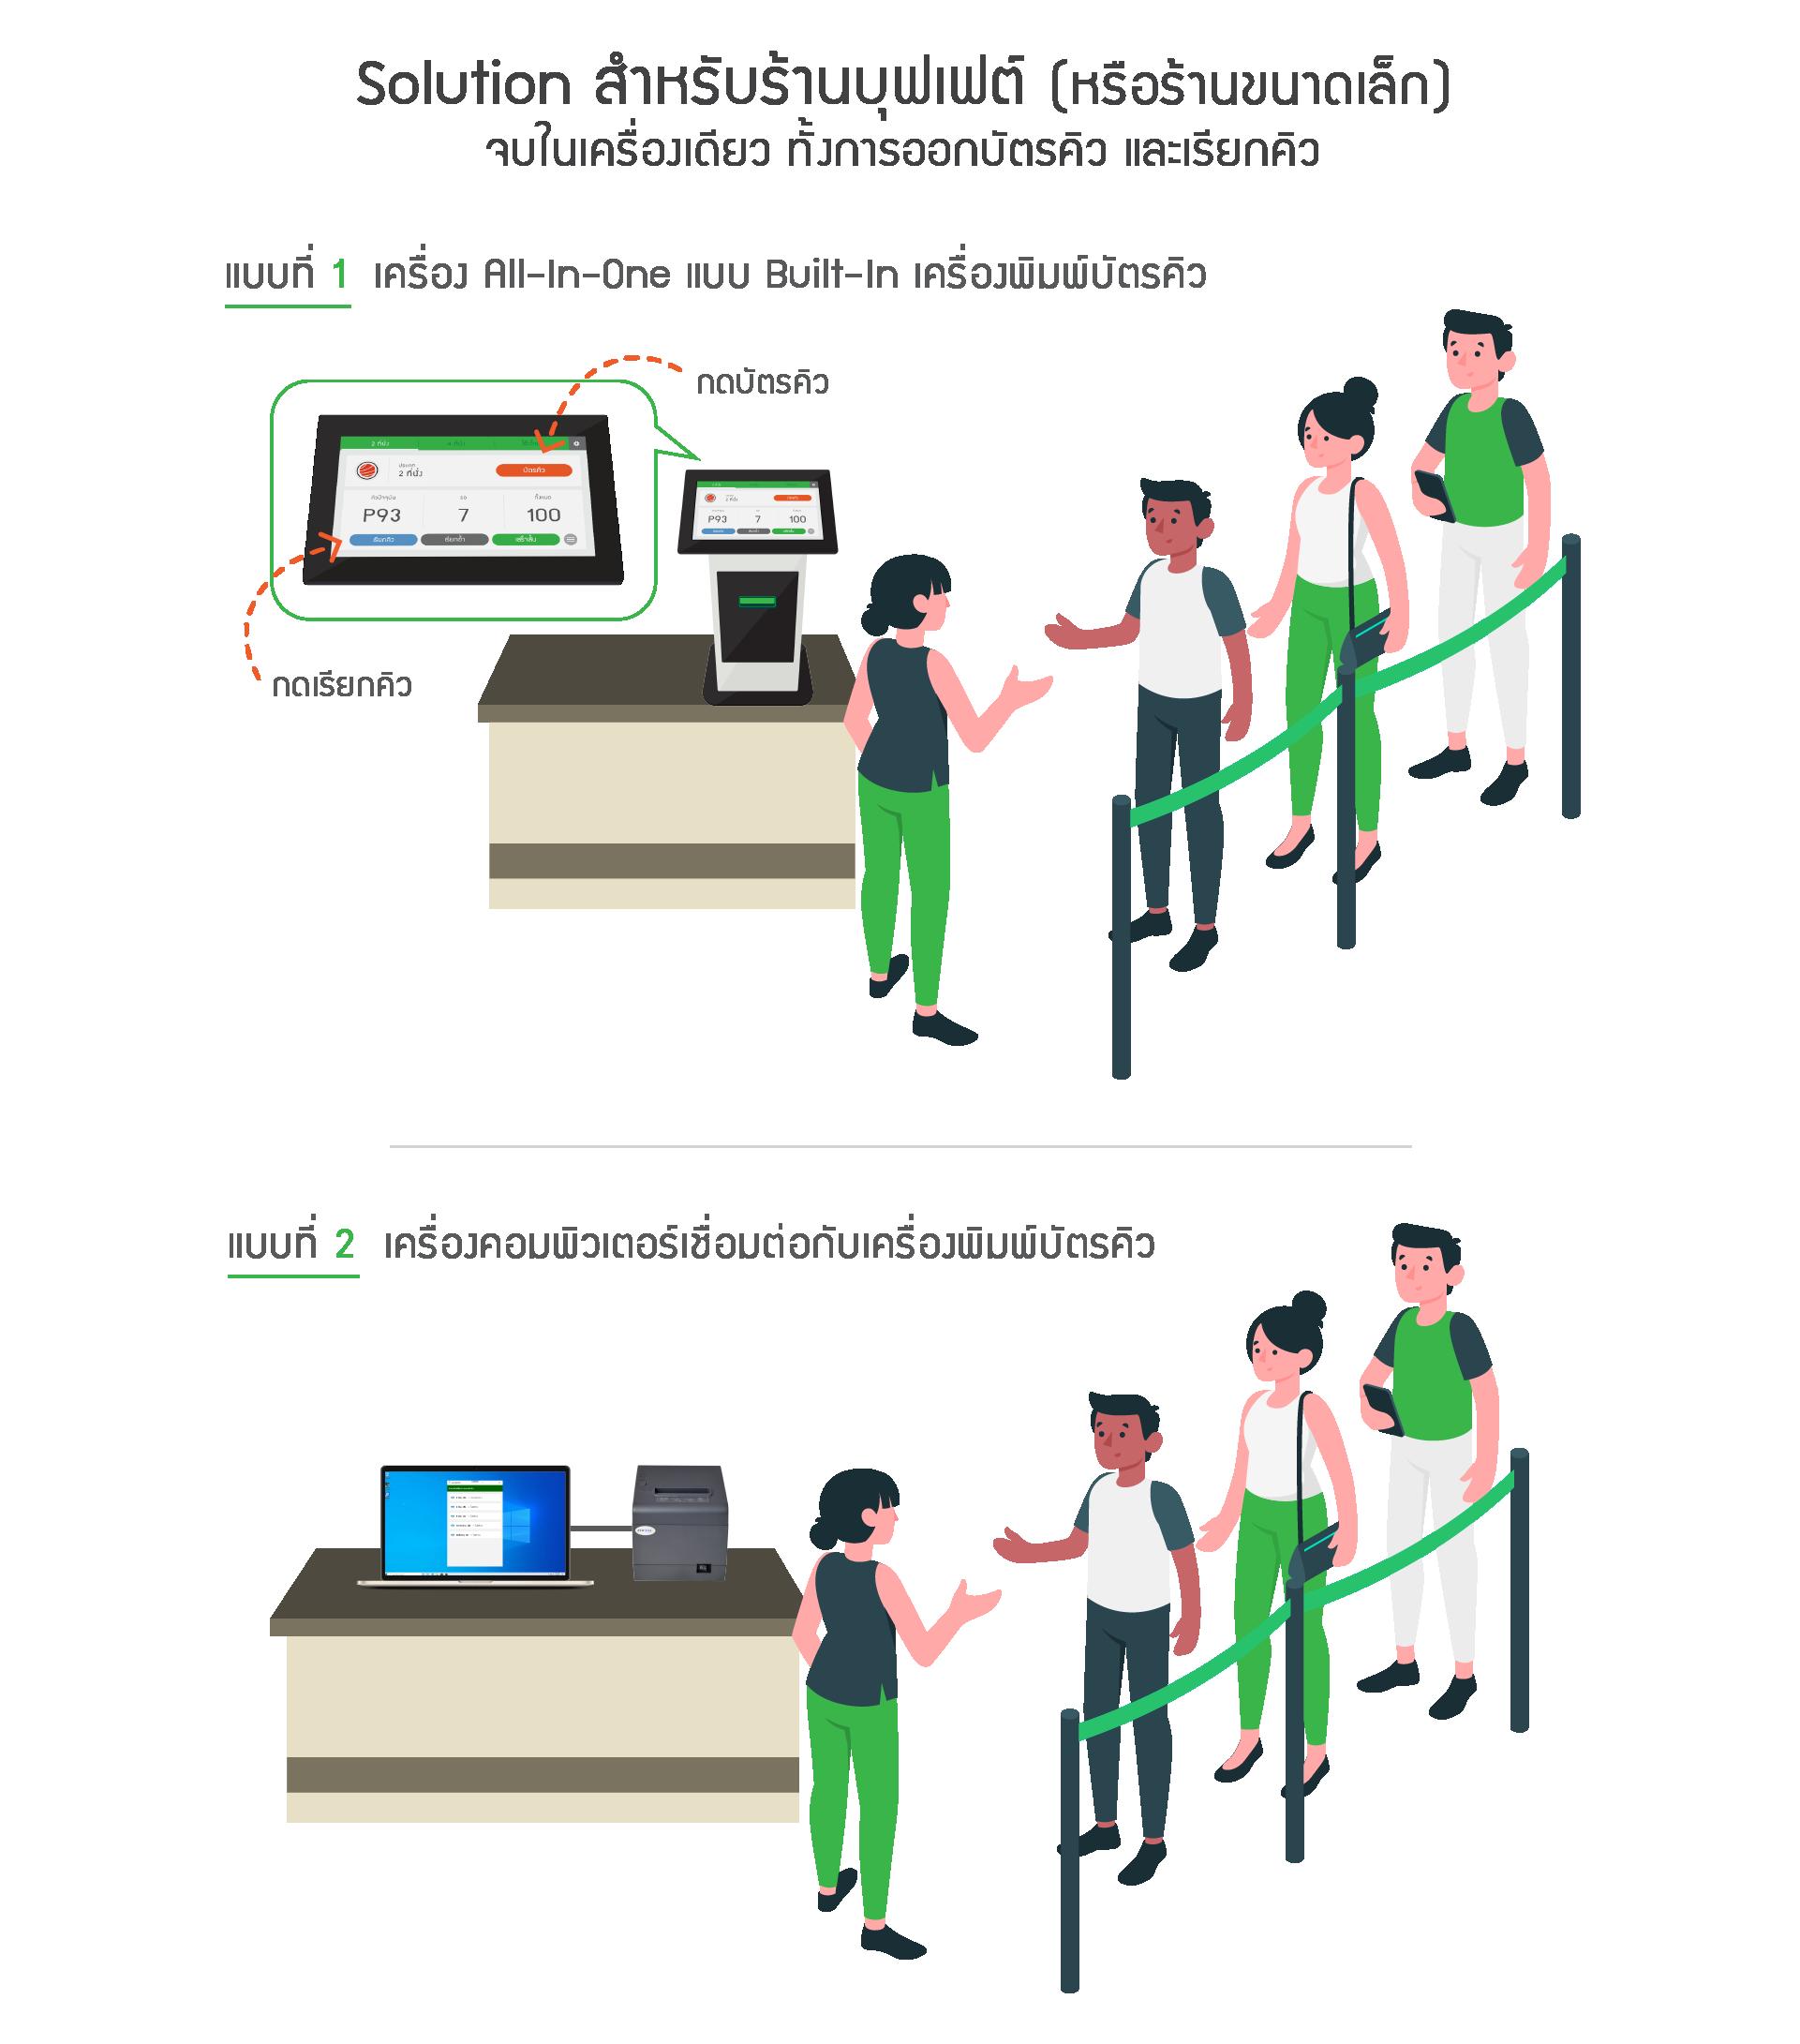 Solution สำหรับร้านบุฟเฟต์ (หรือร้านขนาดเล็ก) จบในเครื่องเดียว ทั้งการออกบัตรคิวและเรียกคิว